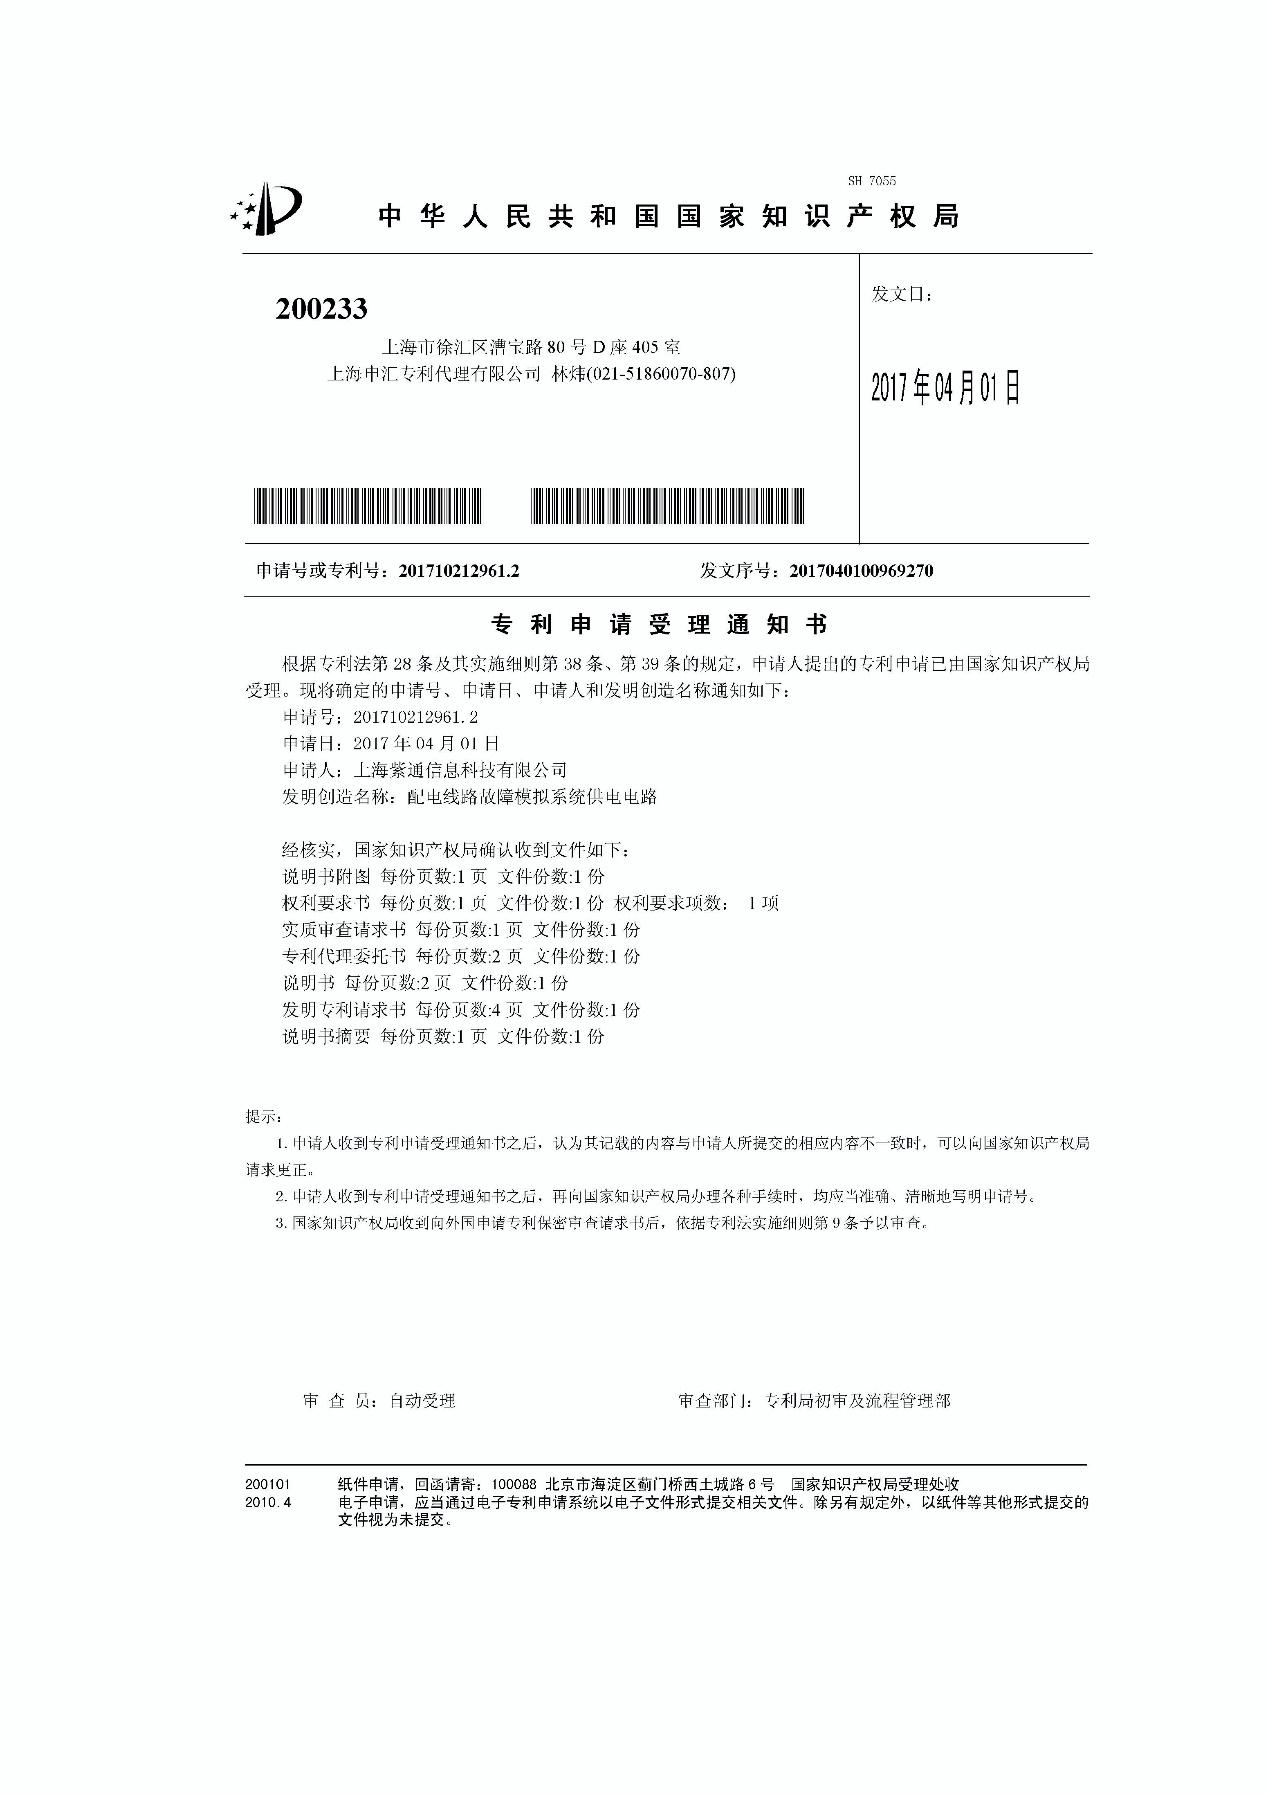 配电线路故障模拟系统供电电路发明专利受理通知书